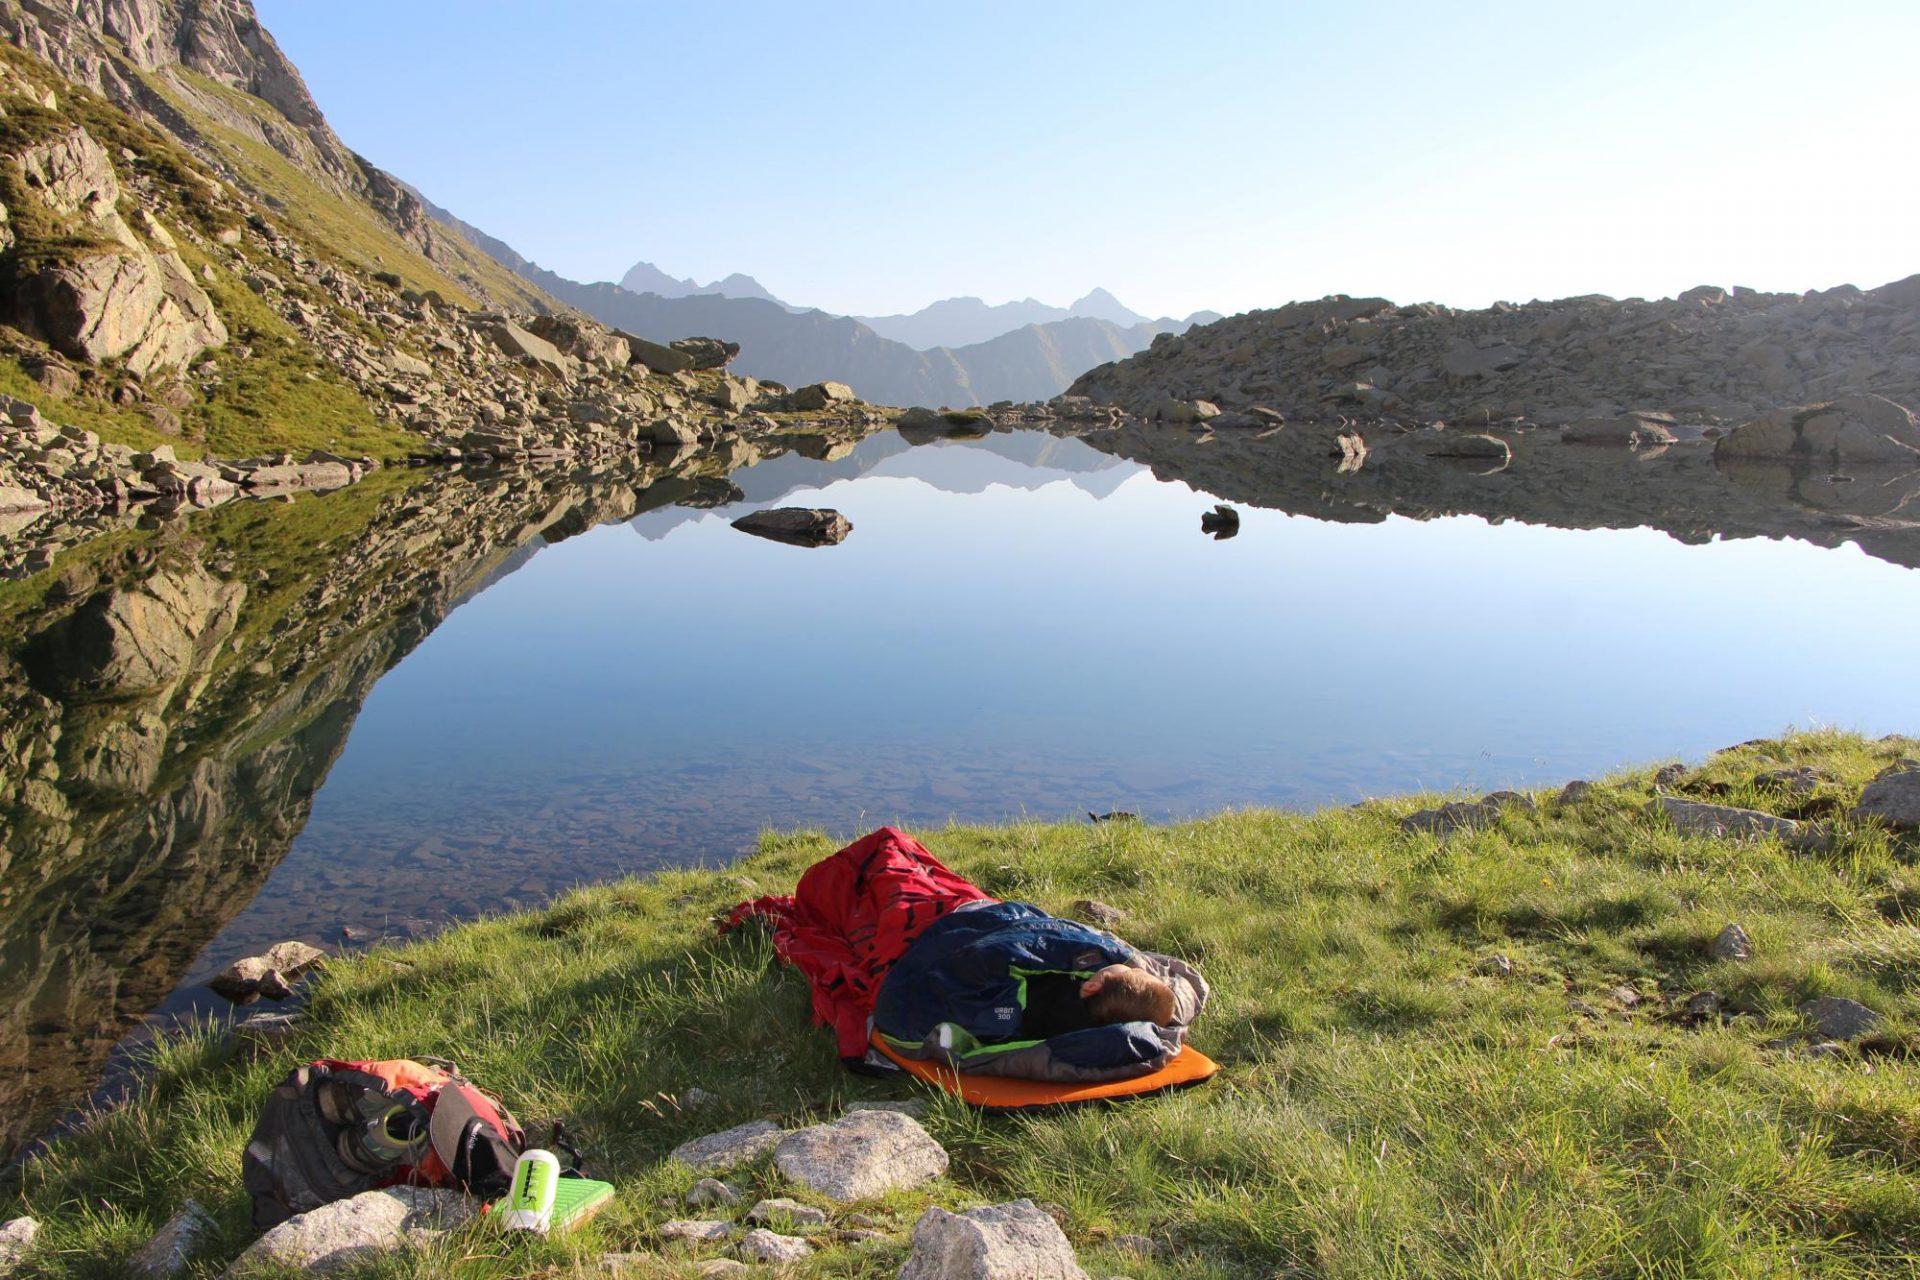 Bergsteigertipp: Übernachten in unseren Bergen – Ist Zelten und Biwakieren in Südtirol erlaubt?